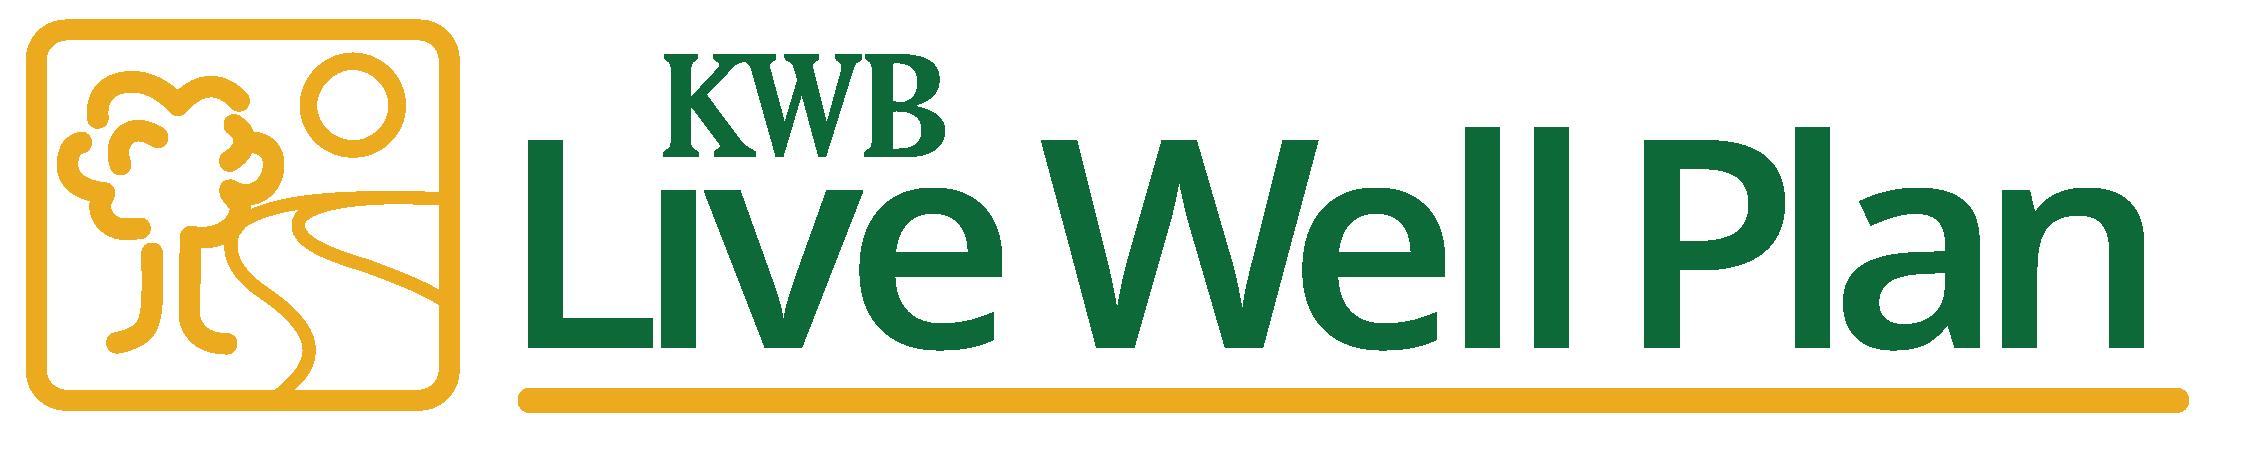 KWB Wealth | Redlands, CA: live well plan logo